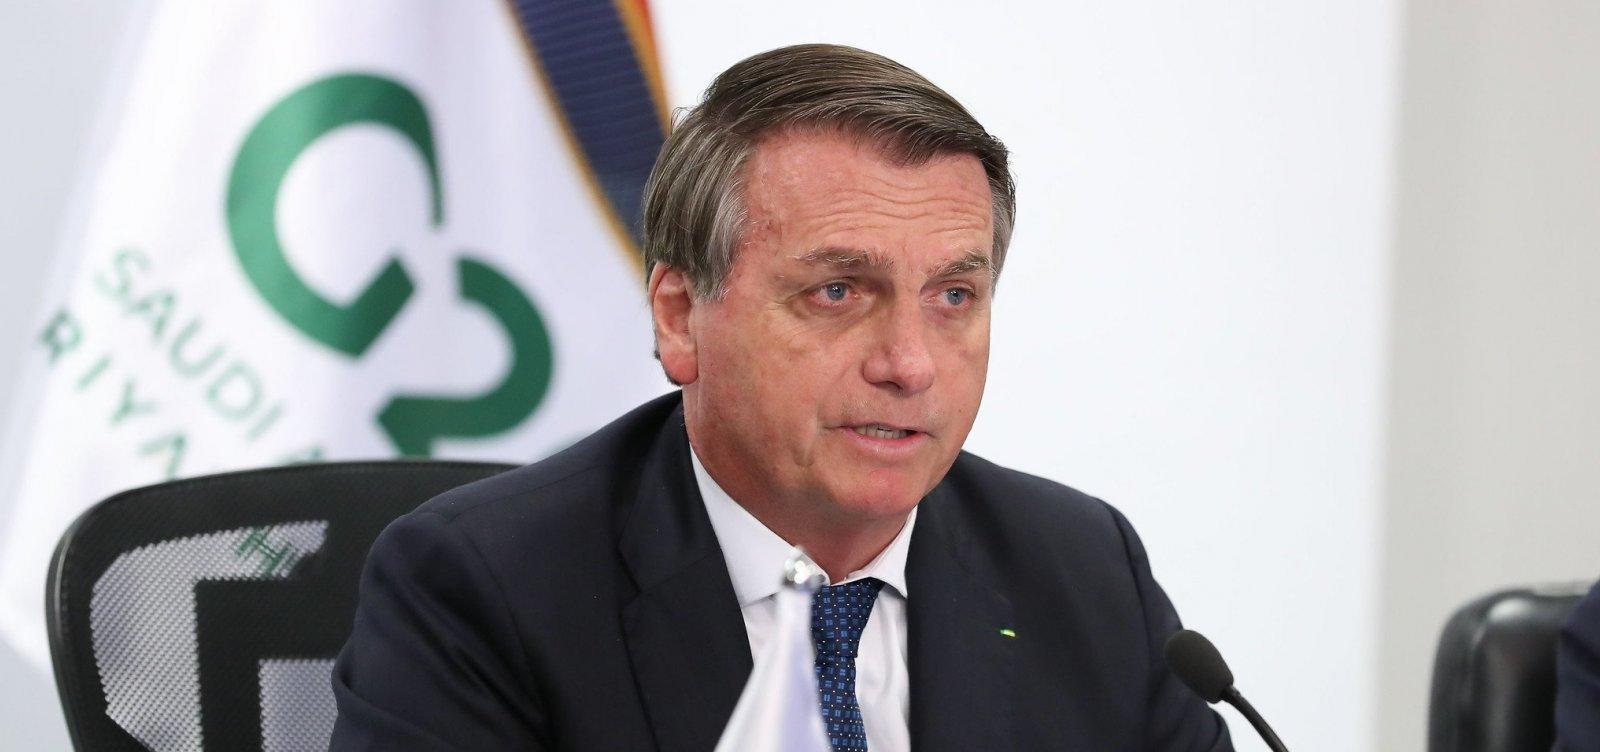 [ Bolsonaro diz ao G20 que tensões entre raças no Brasil são importadas e 'alheias à nossa história' ]